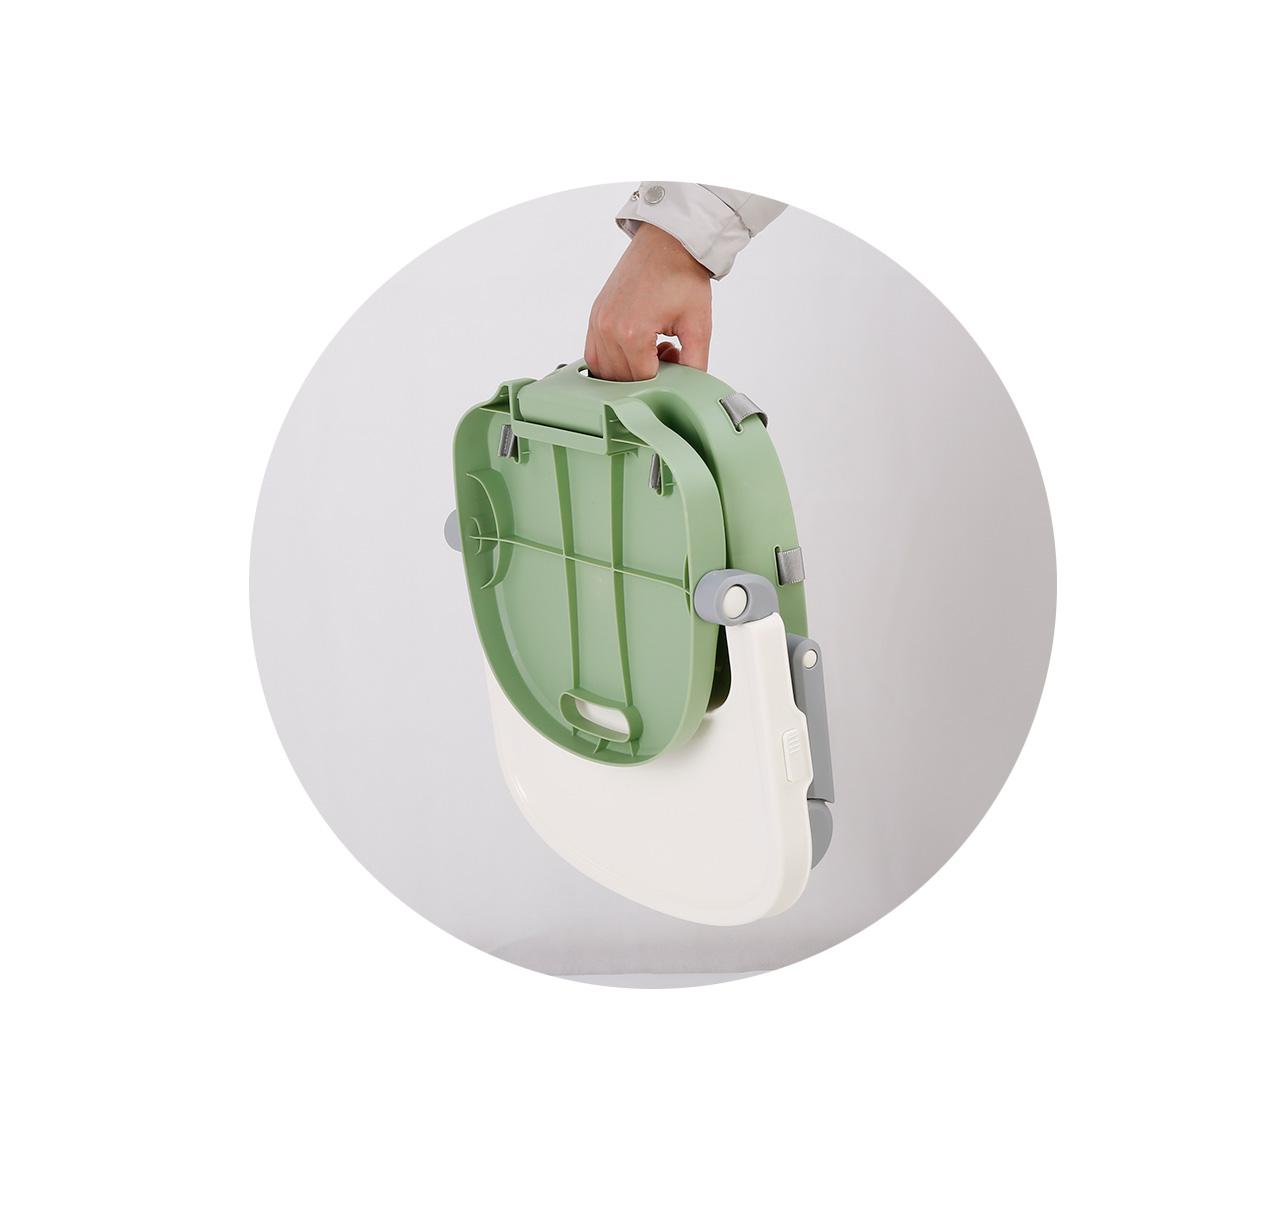 Silla de Comer OSAKA Booster Verde imagen 13